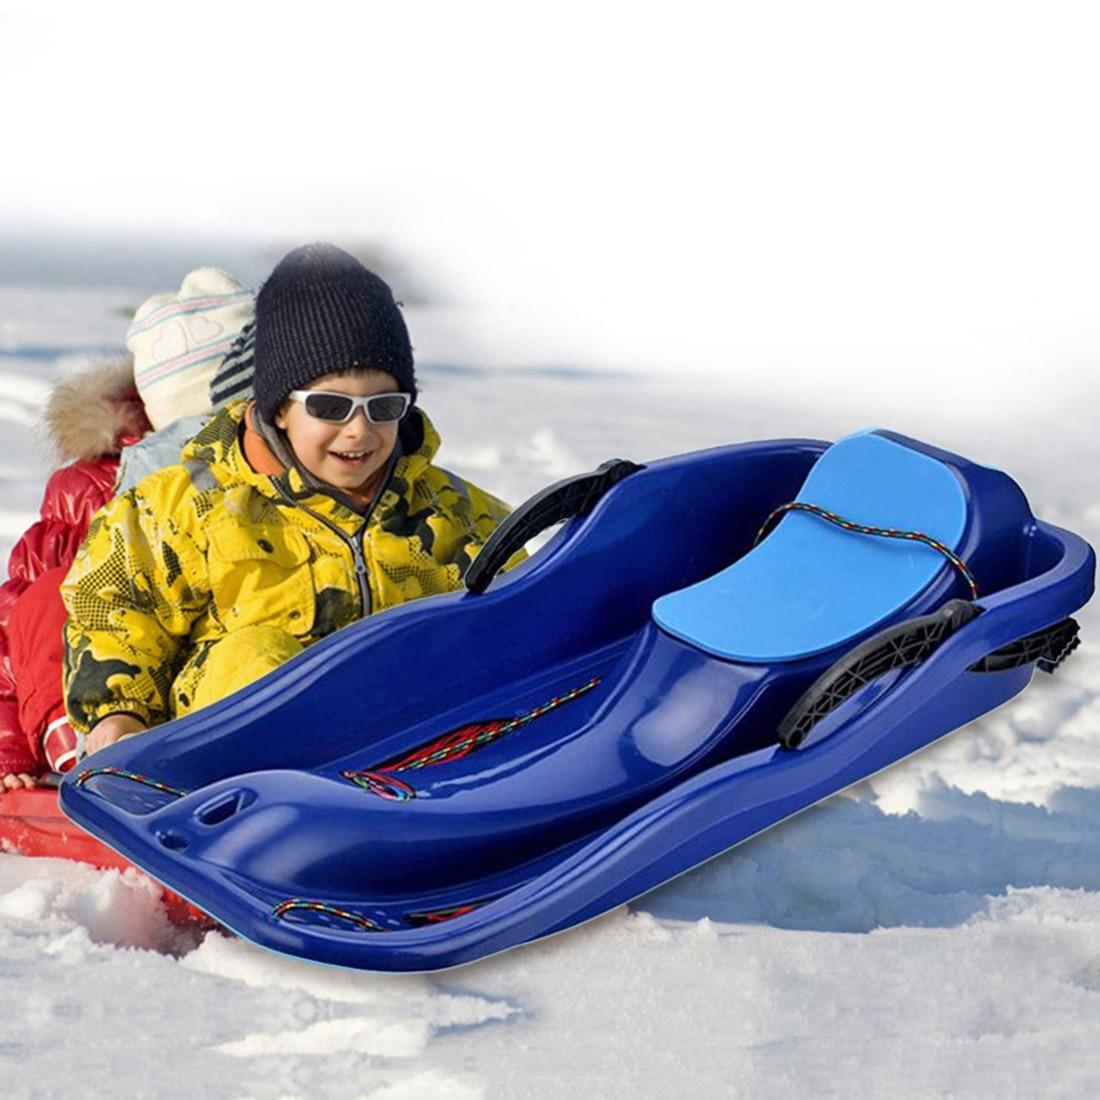 Adulte Enfants Neige Traîneau de Neige En Plein Air Planche de Glisse Luge Luge Épaissir Herbe Conseil De Sable Tapis de Ski Snowboard Conseil Traîneaux